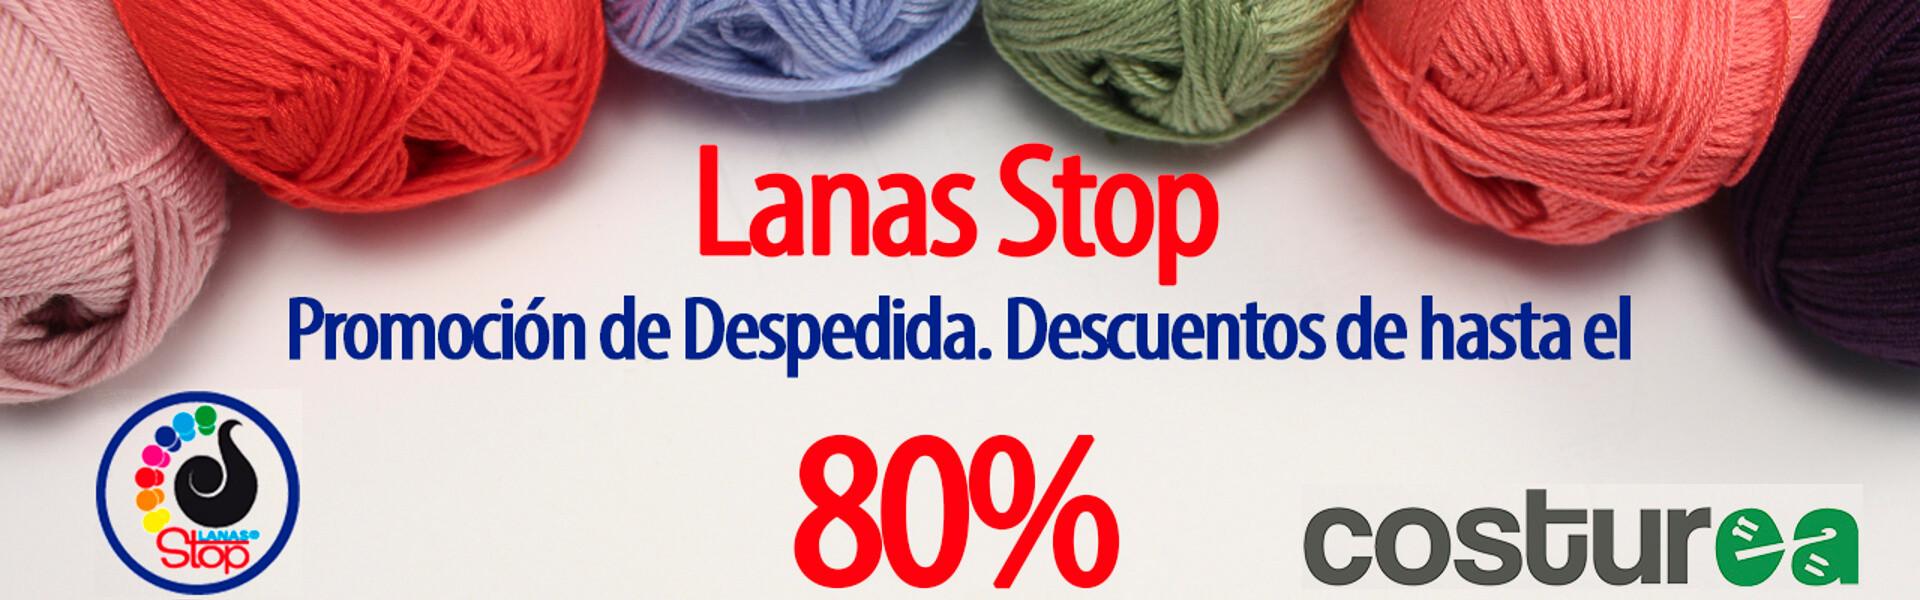 Descuento Lanas Stop